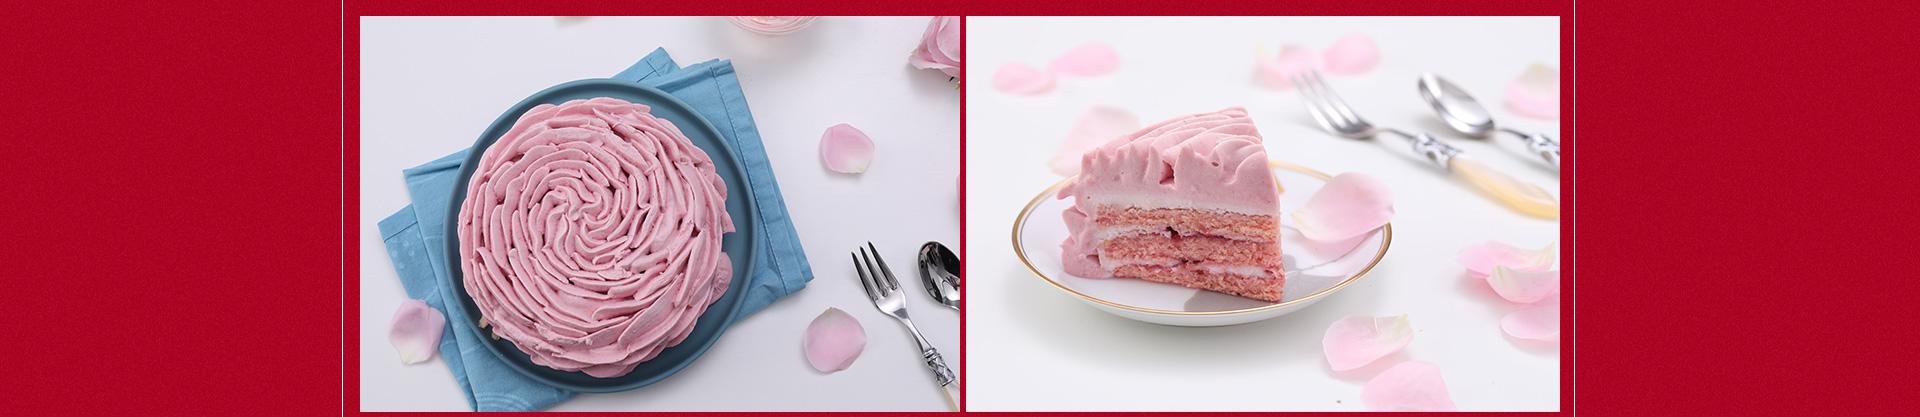 ebeecake小蜜蜂蛋糕 我愿意|玫瑰荔枝慕斯蛋糕